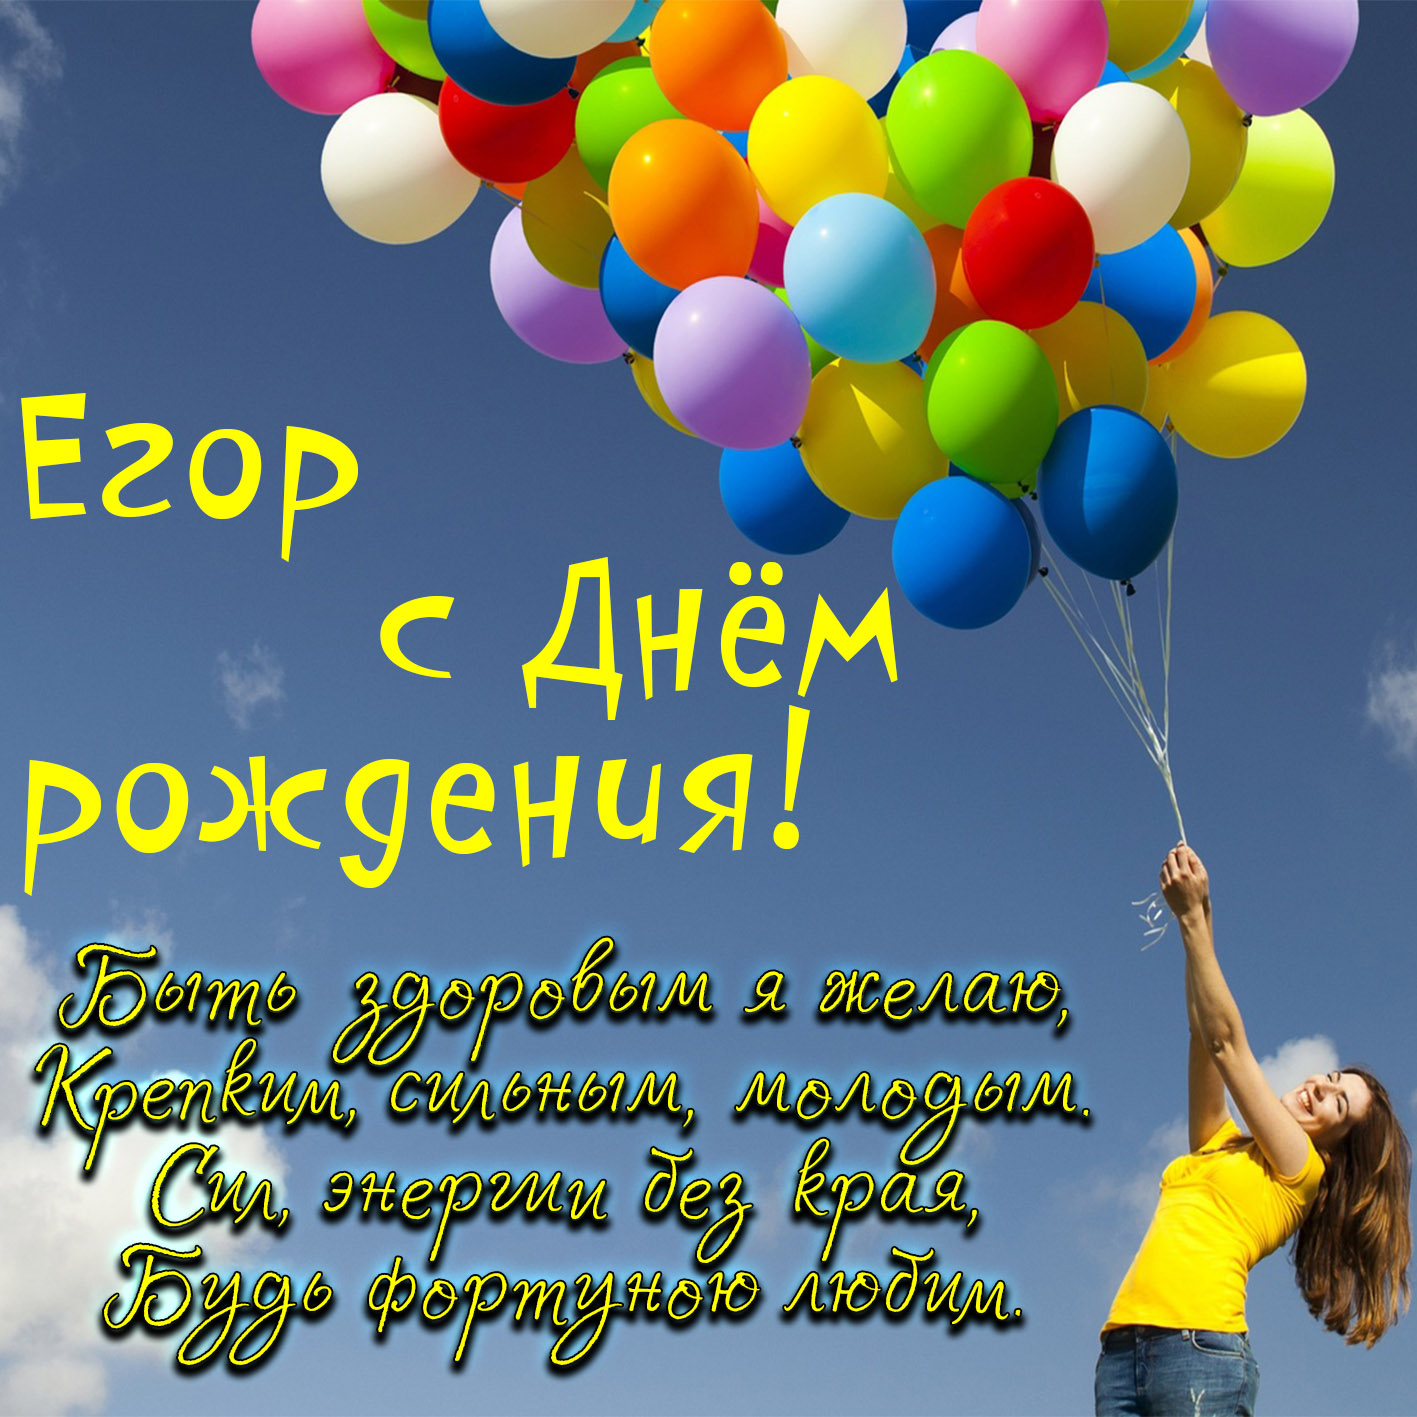 поздравление с воздушными шарами в стихах мгновение